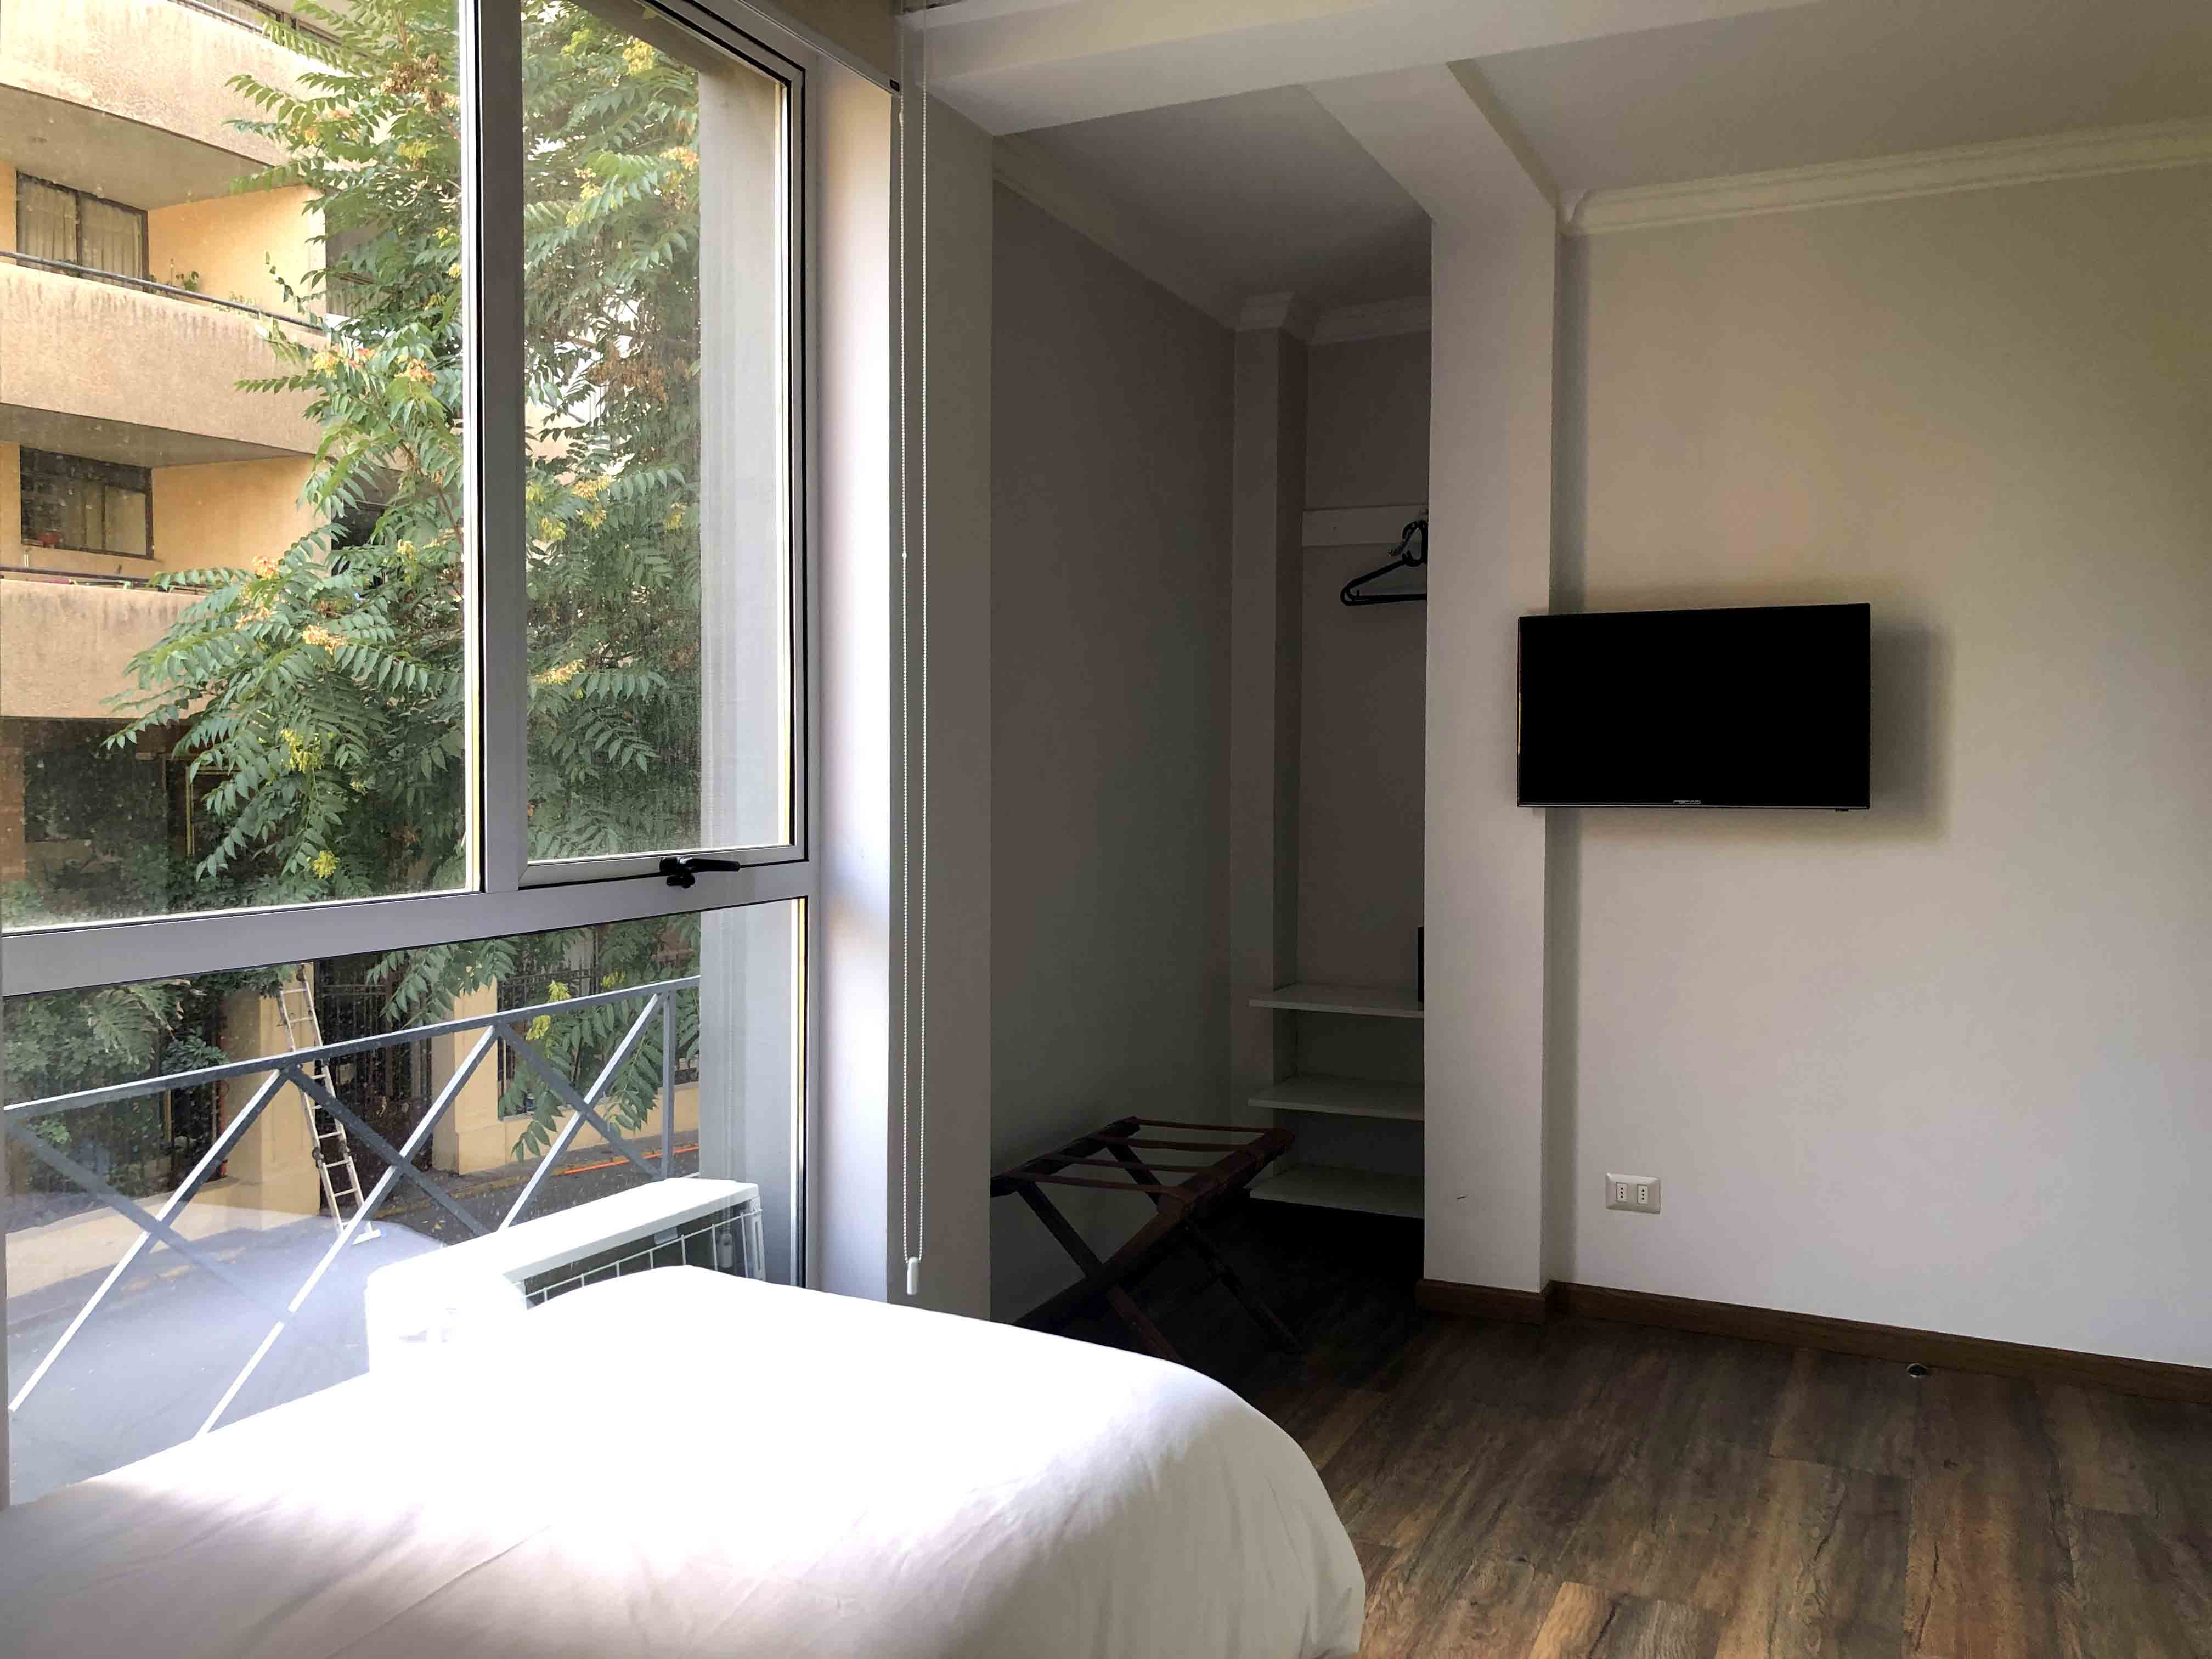 Habitación Sgl 3 - Elisa Cole - web - Tamaño Original